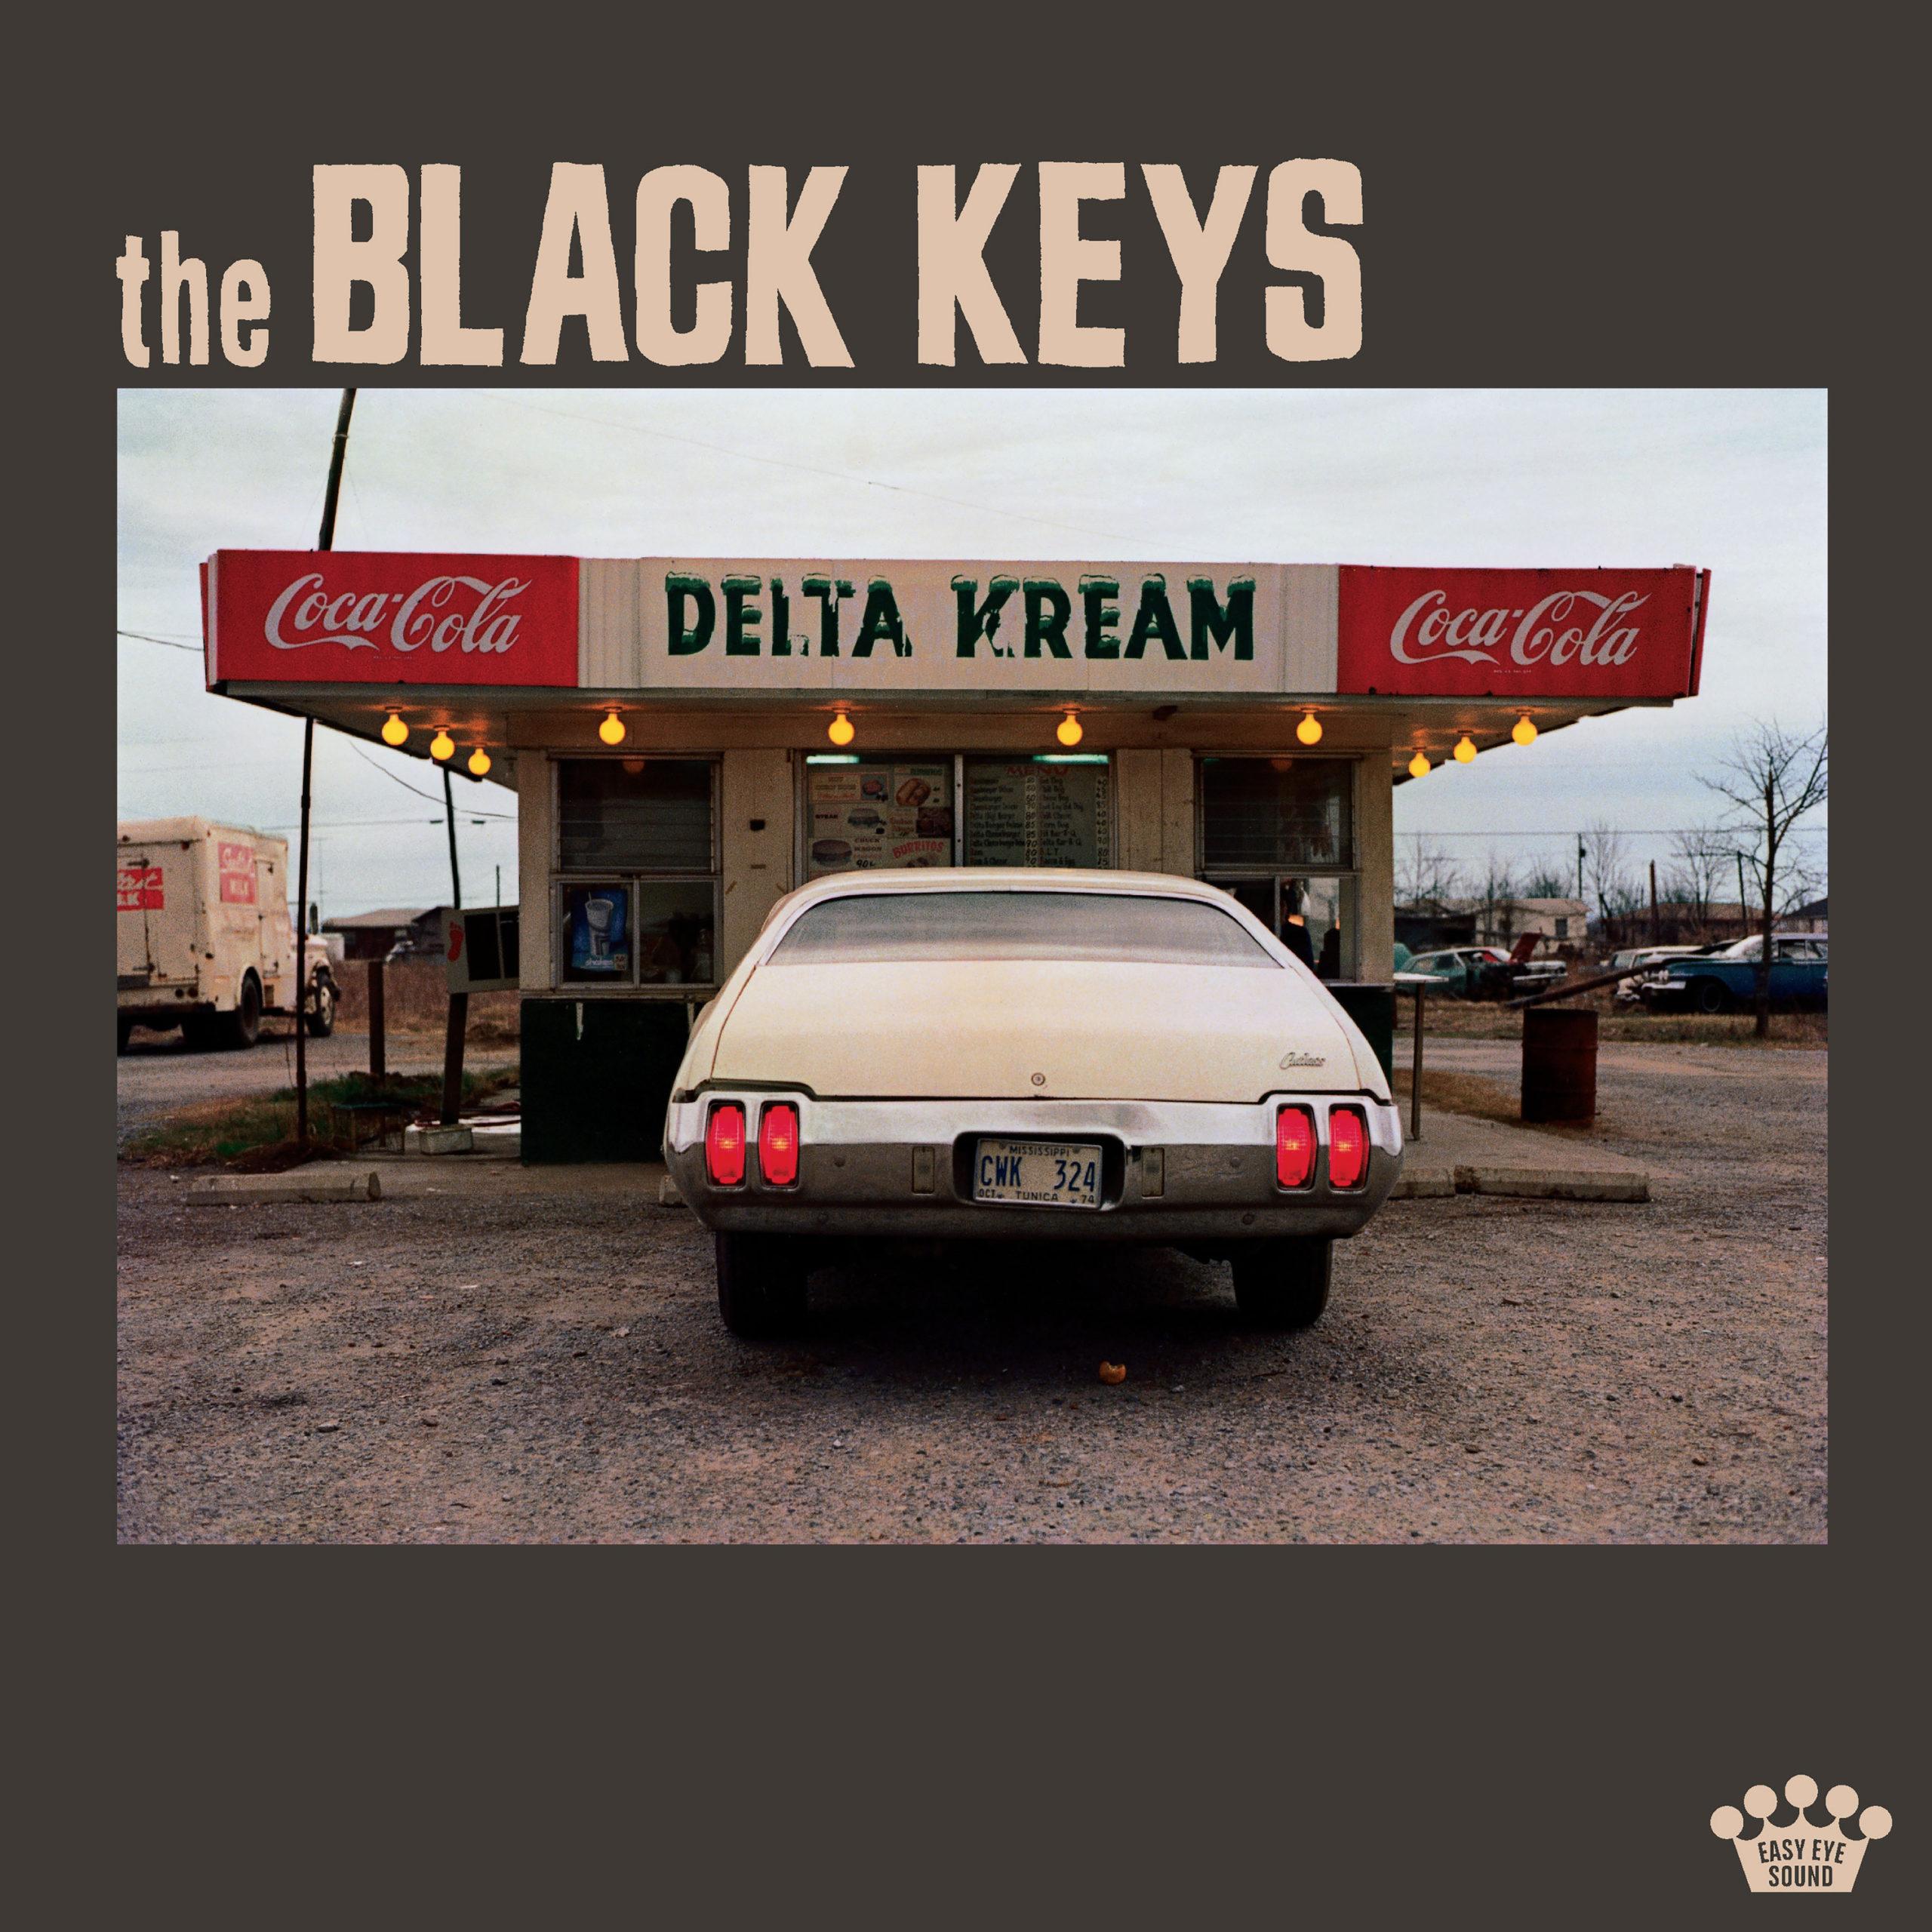 The Black Keys - Delta Cream